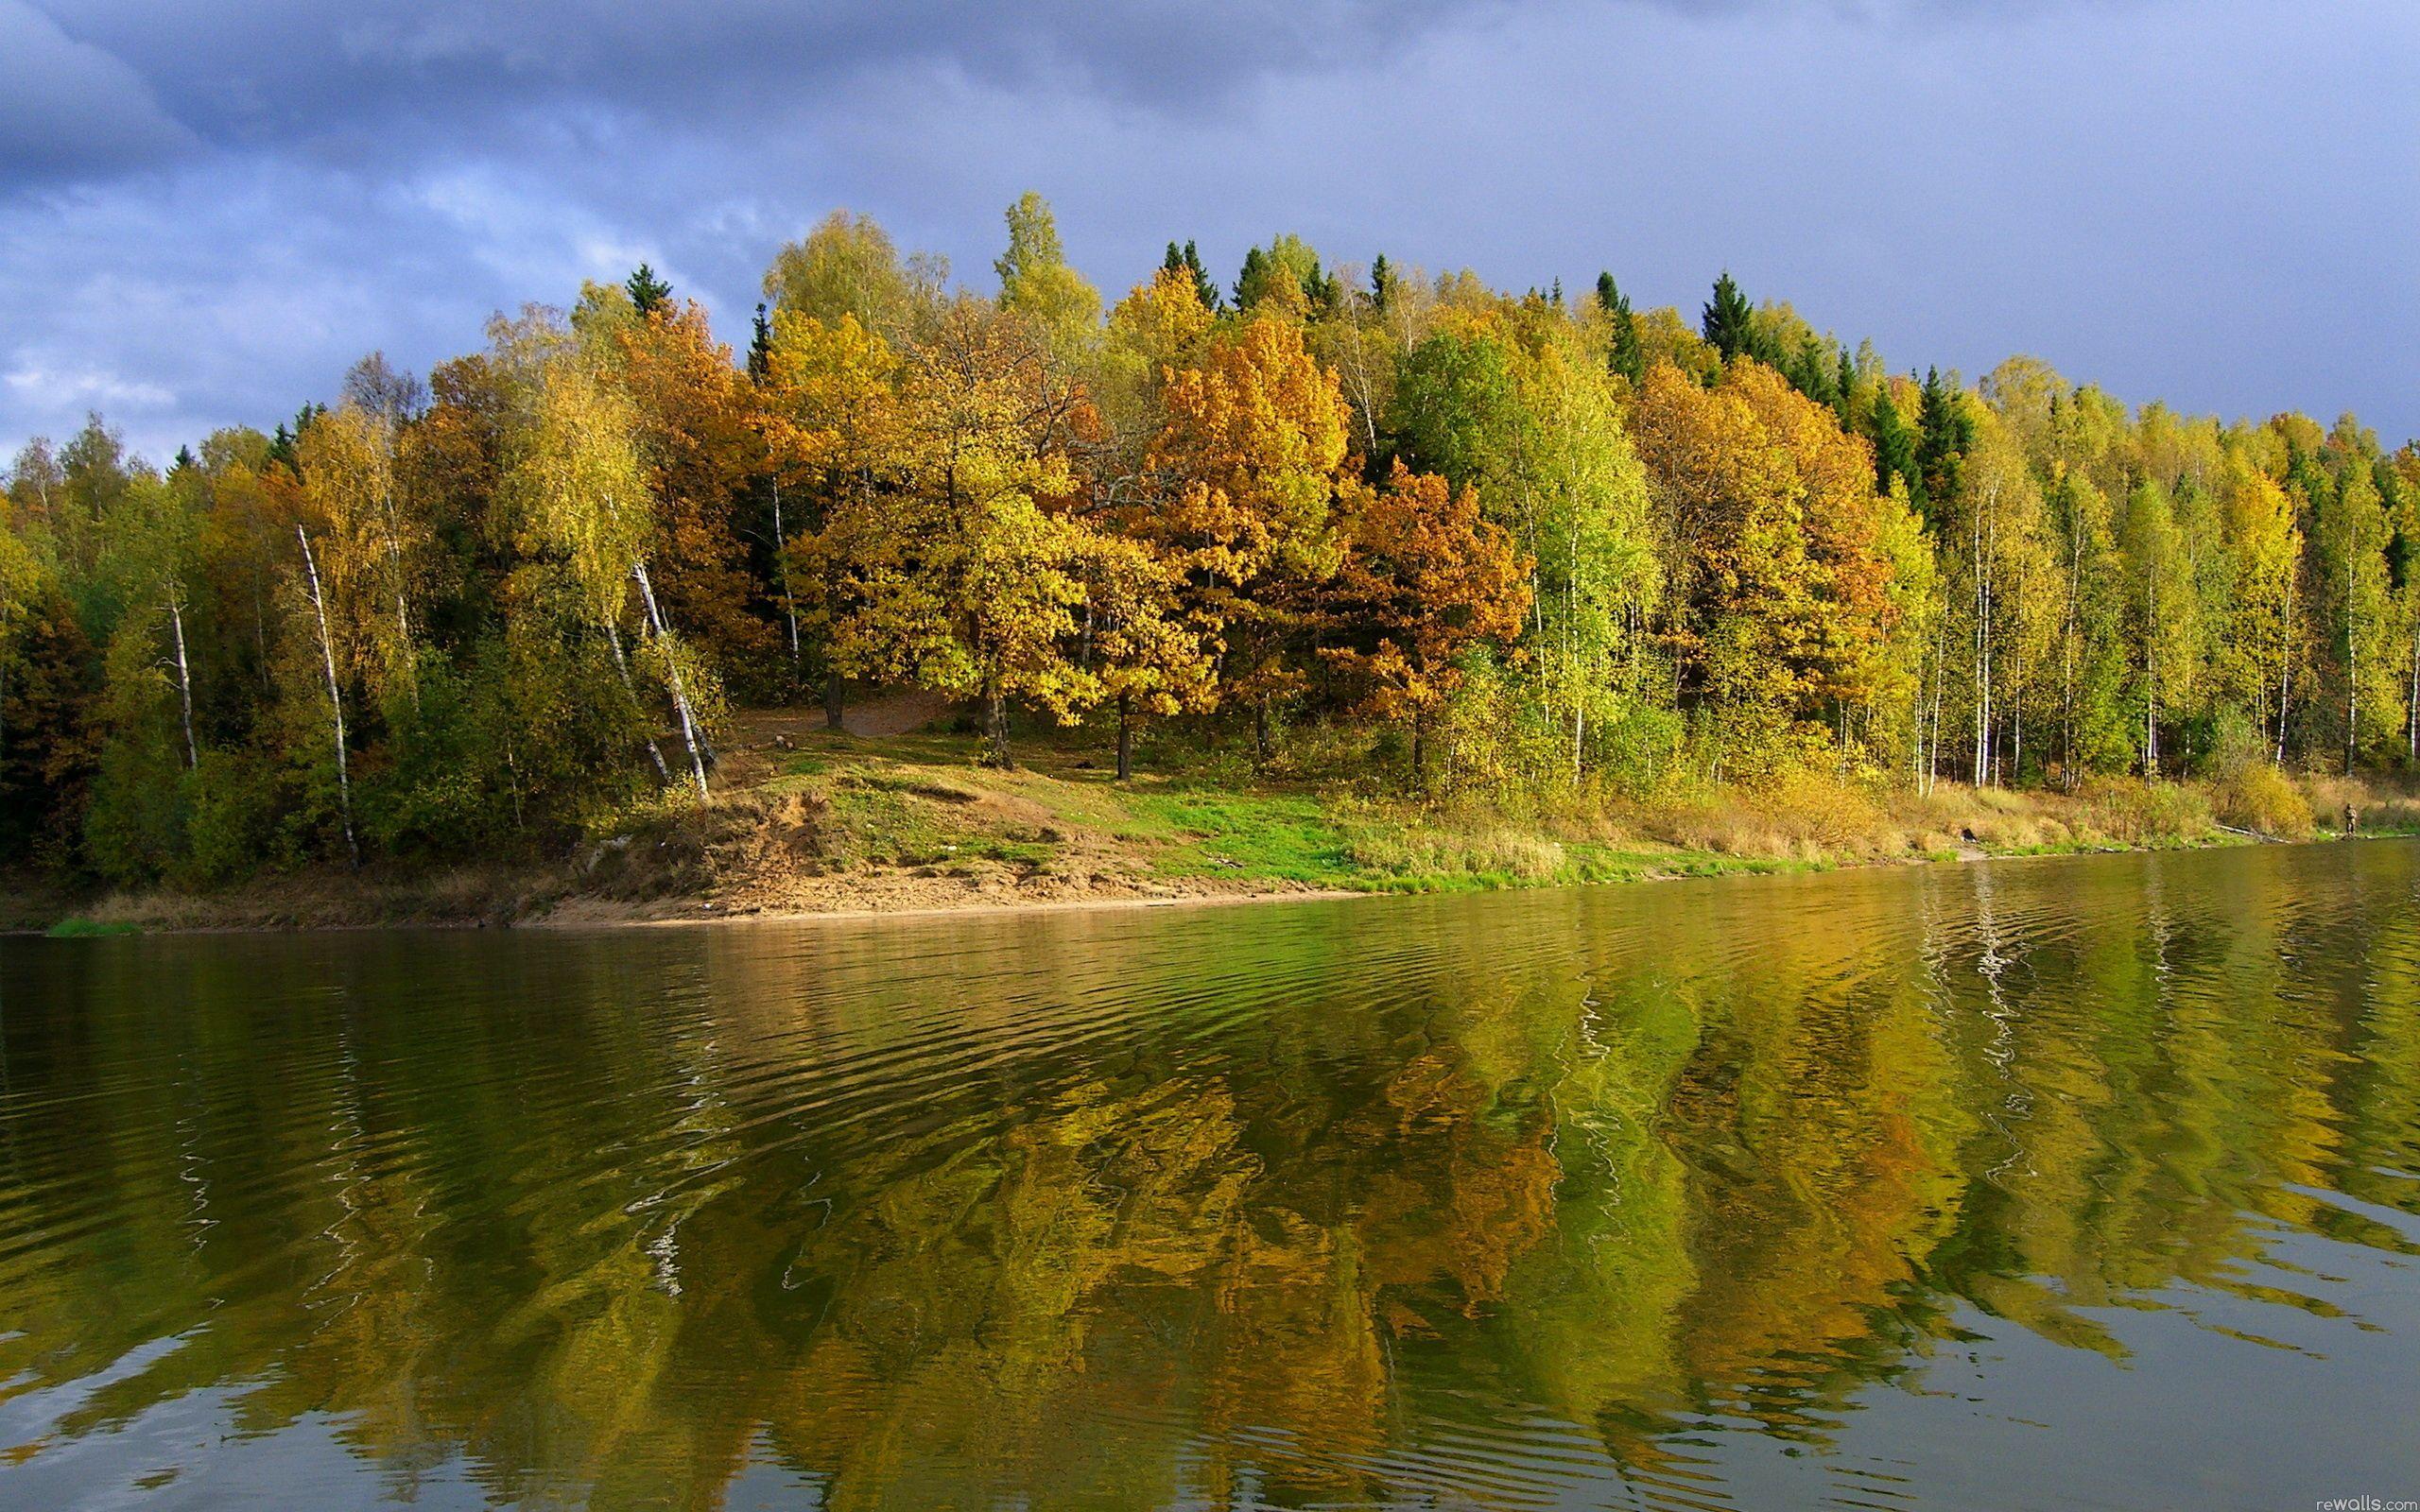 фото природа - Поиск в Google | Туризм, Фотографии природы ...